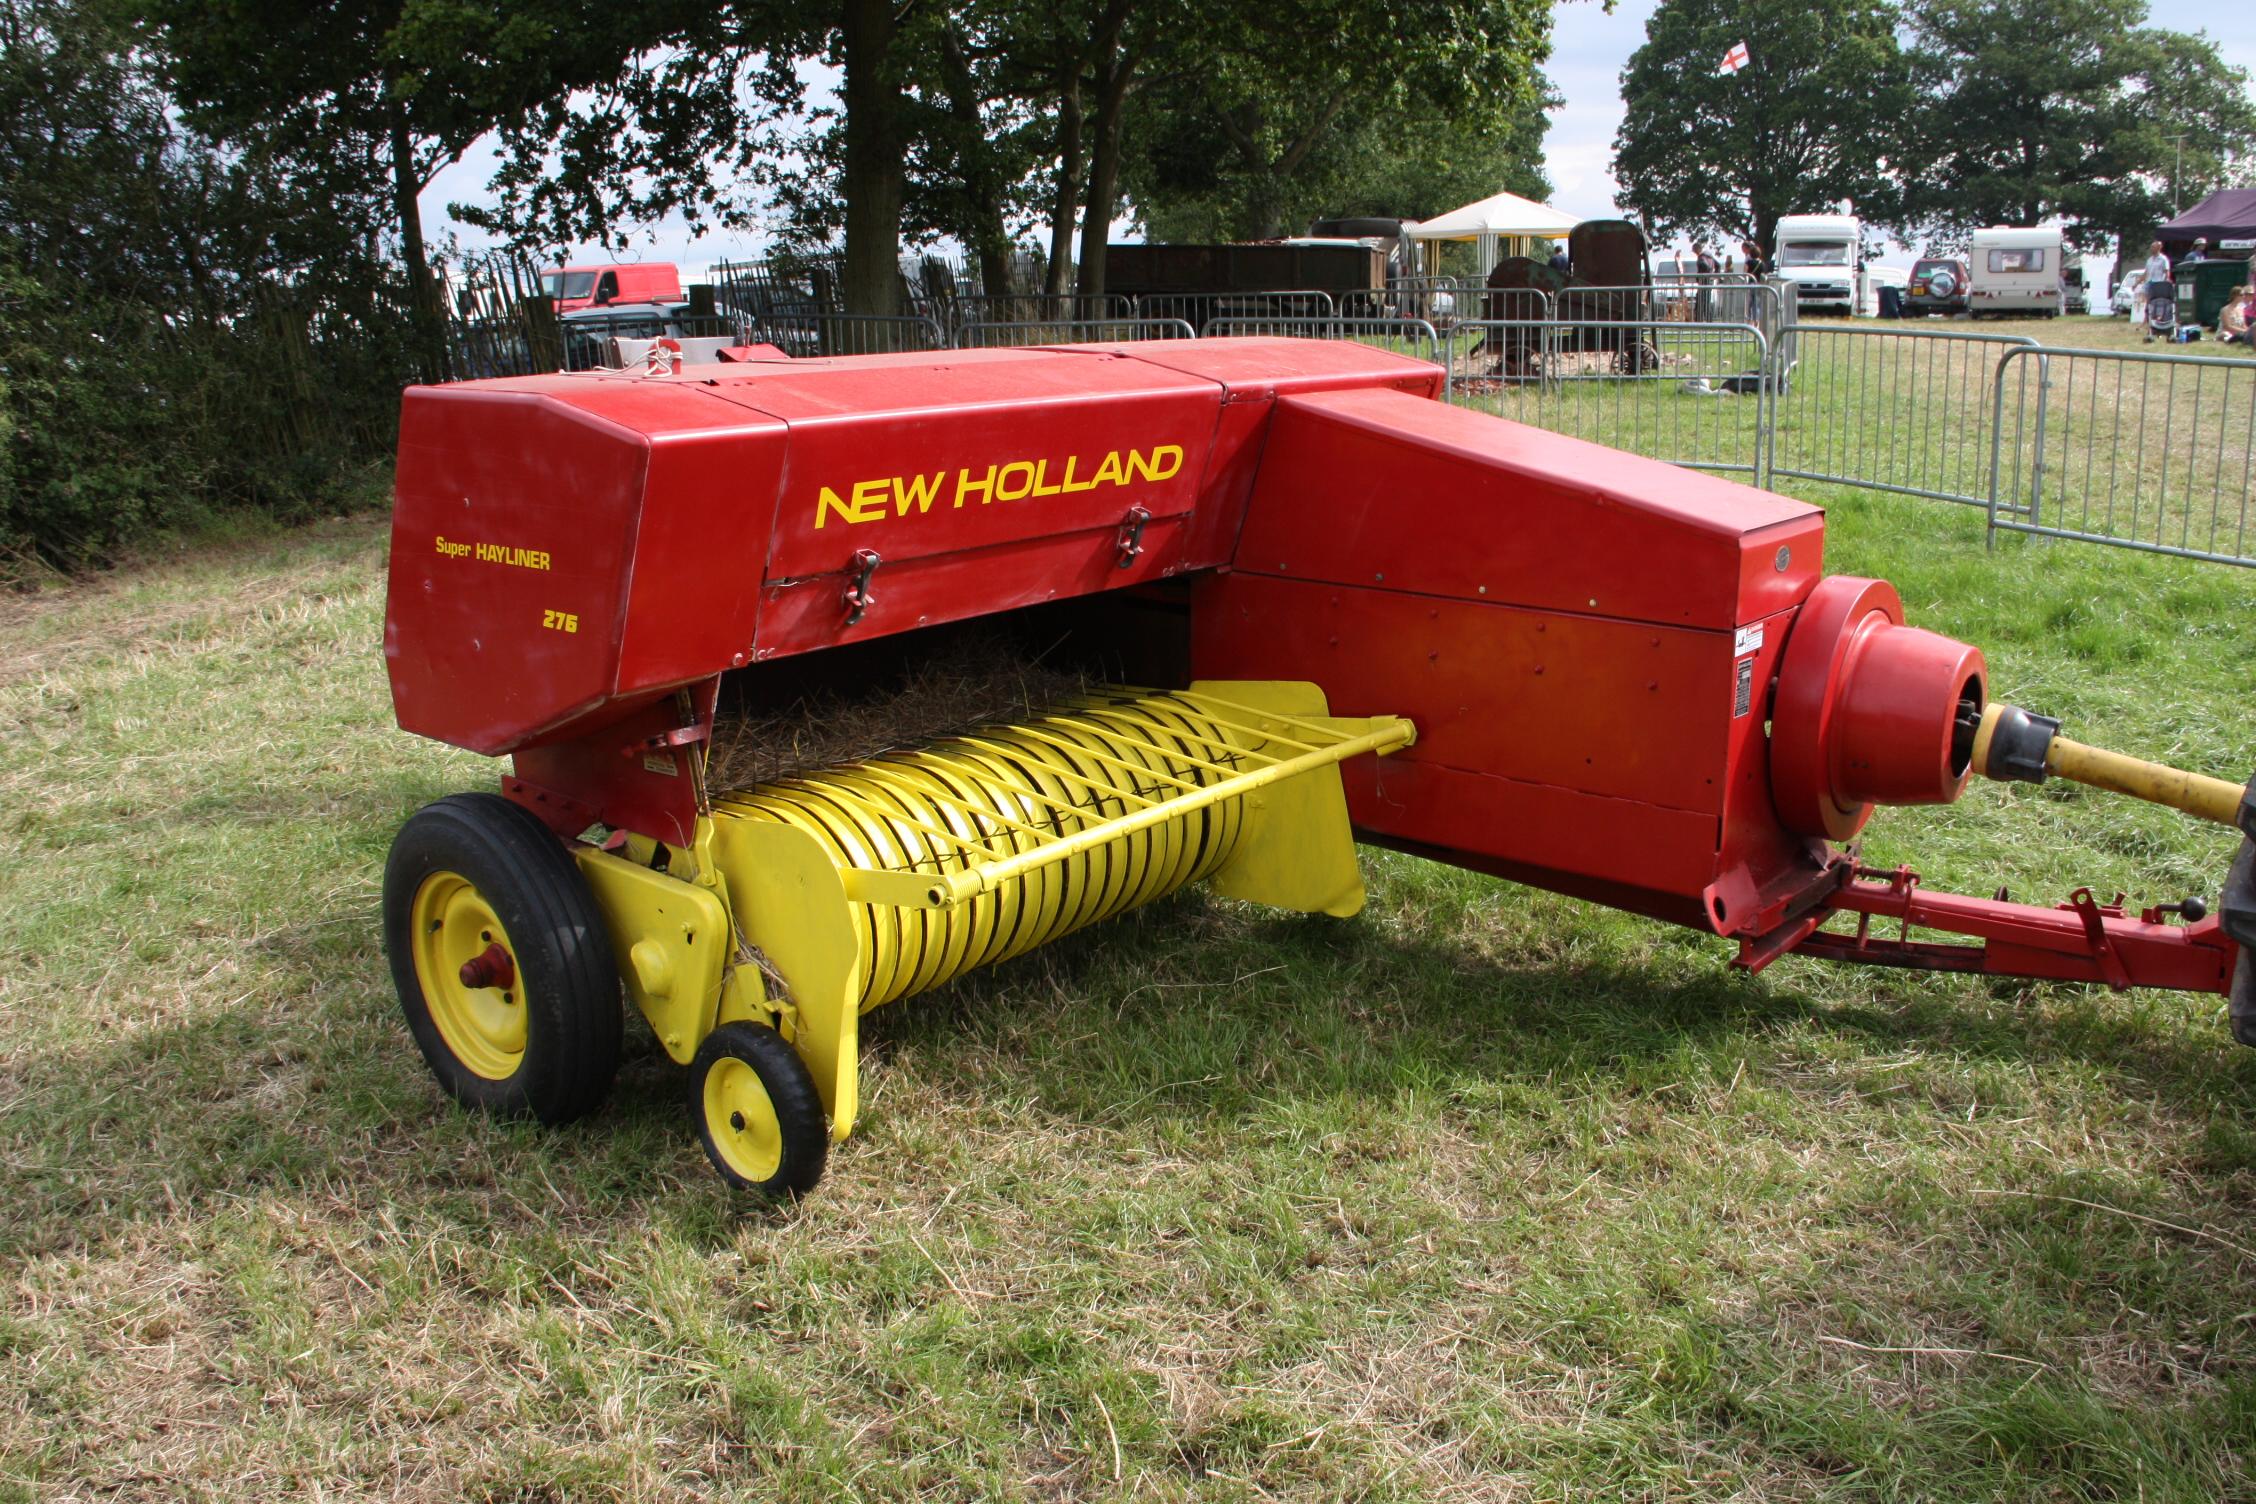 File:New Holland 276 baler - at Netley Marsh 11 - IMG 7288.jpg